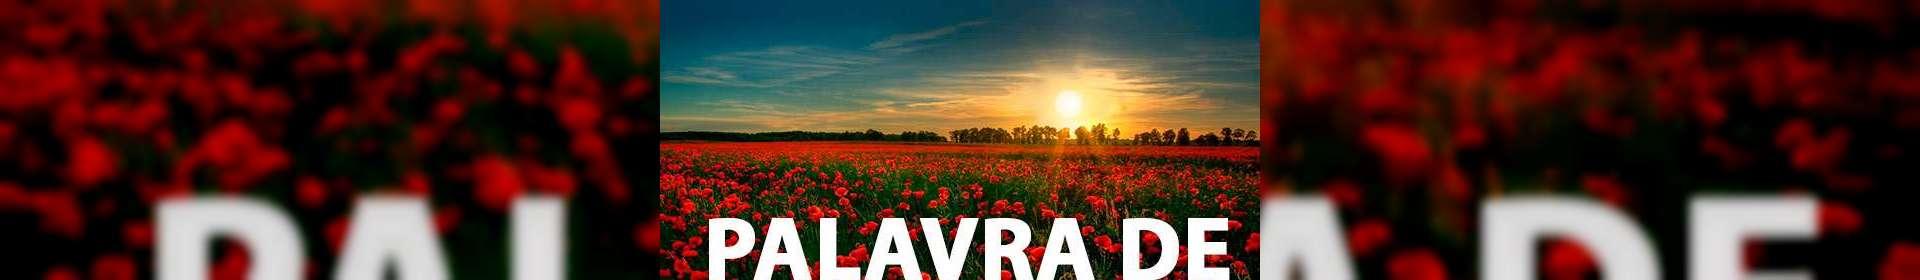 Isaías 62:11,12 - Uma Palavra de Esperança para sua vida